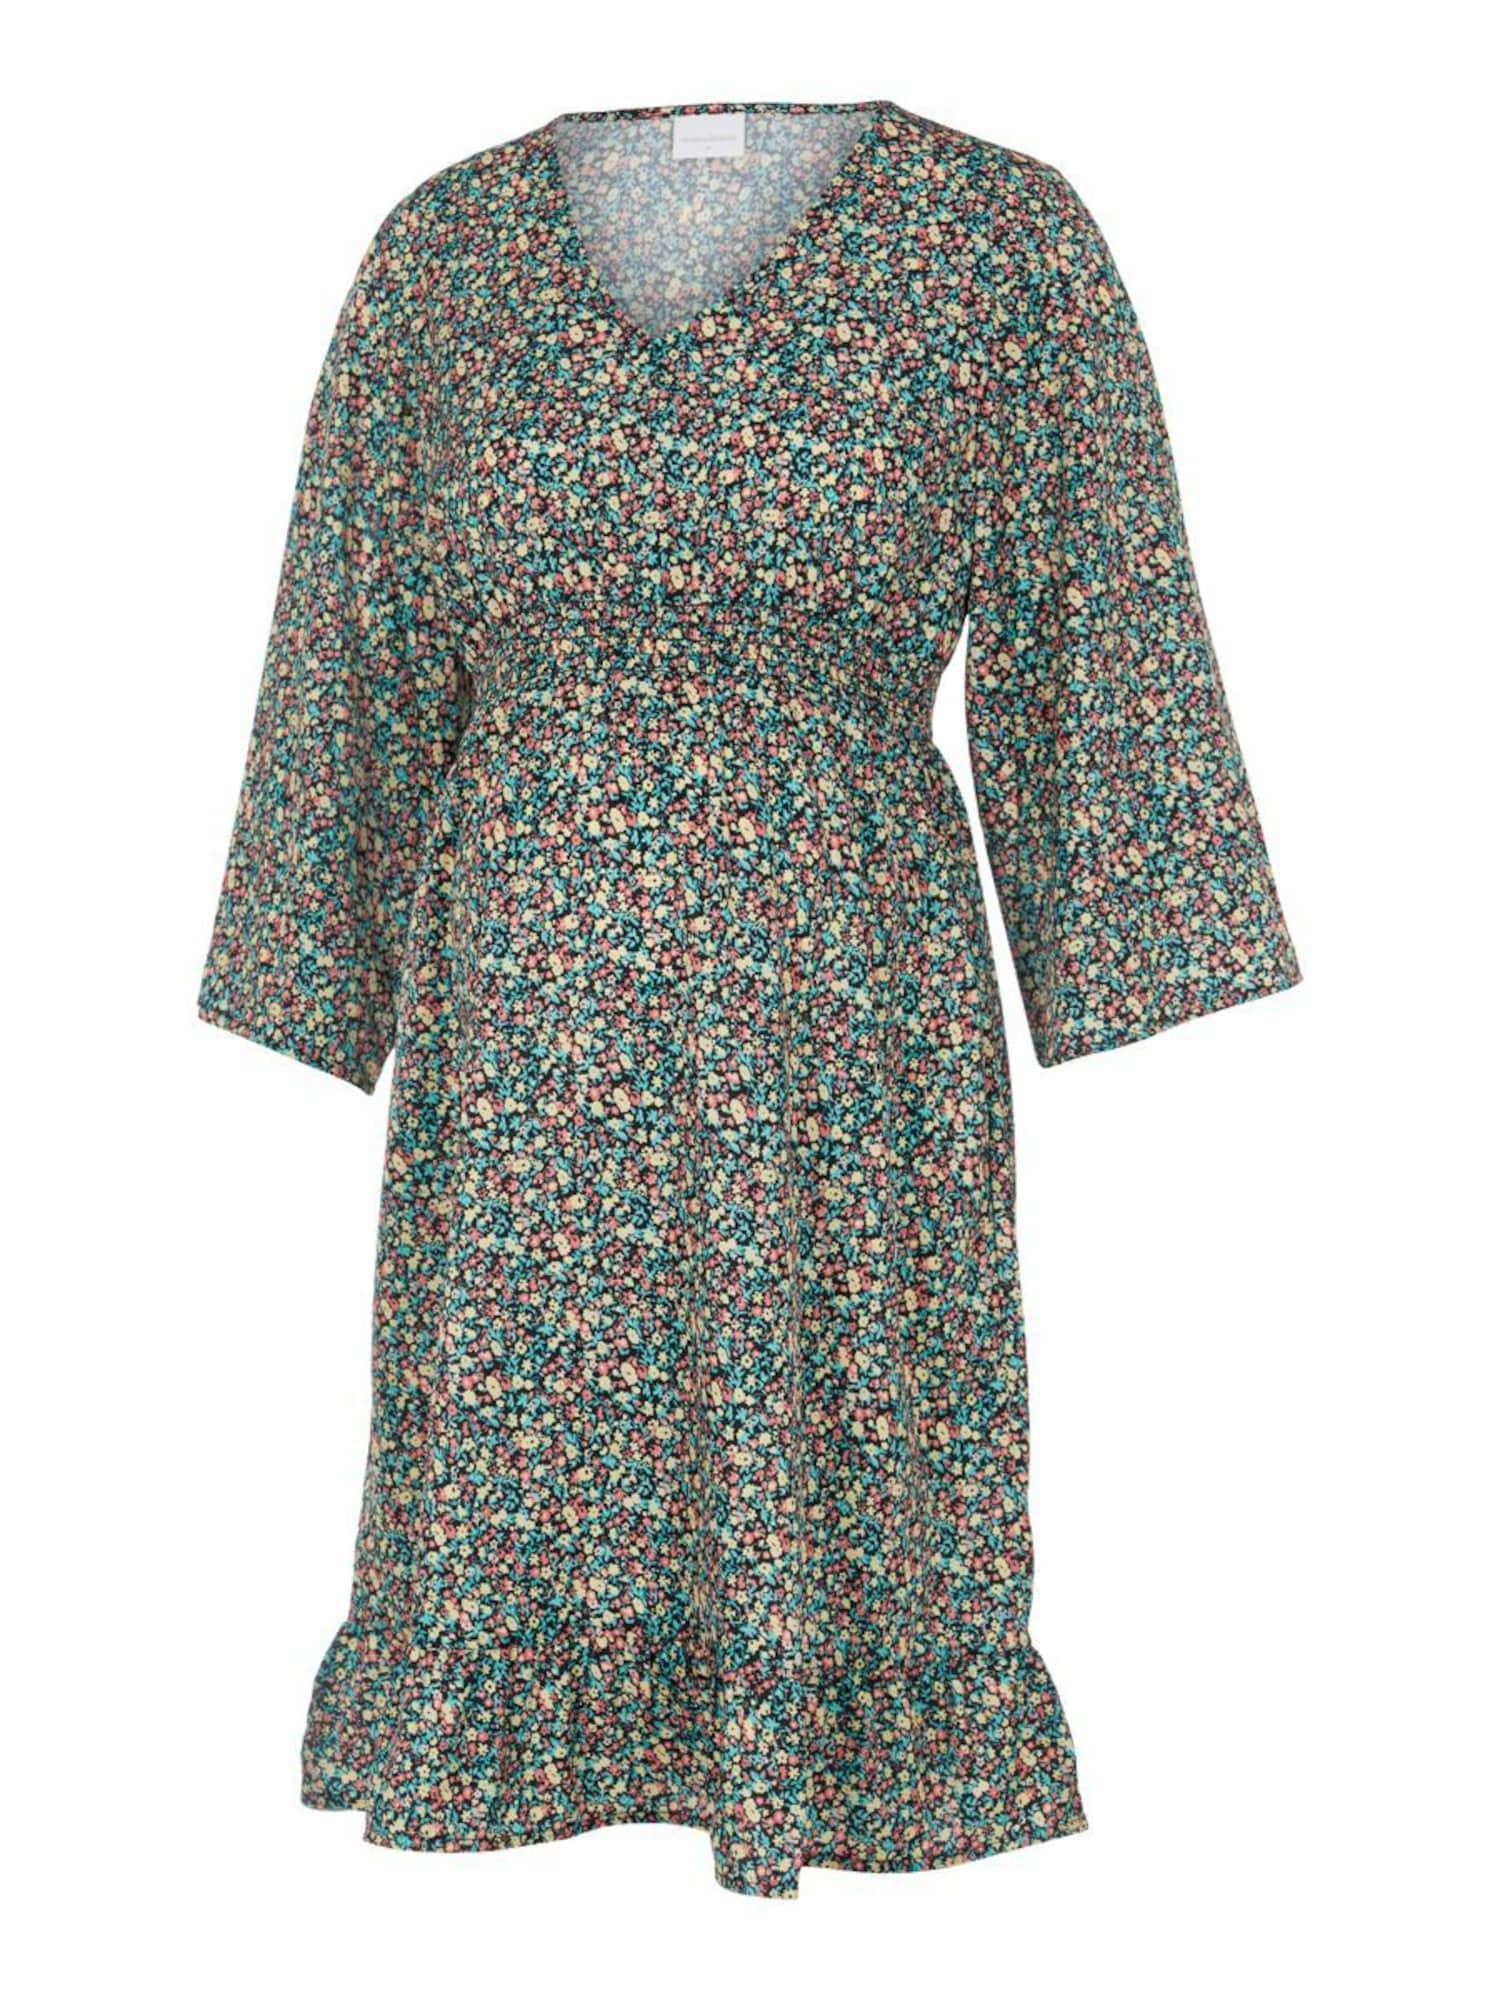 MAMALICIOUS Suknelė 'MLNATHALIA' mišrios spalvos